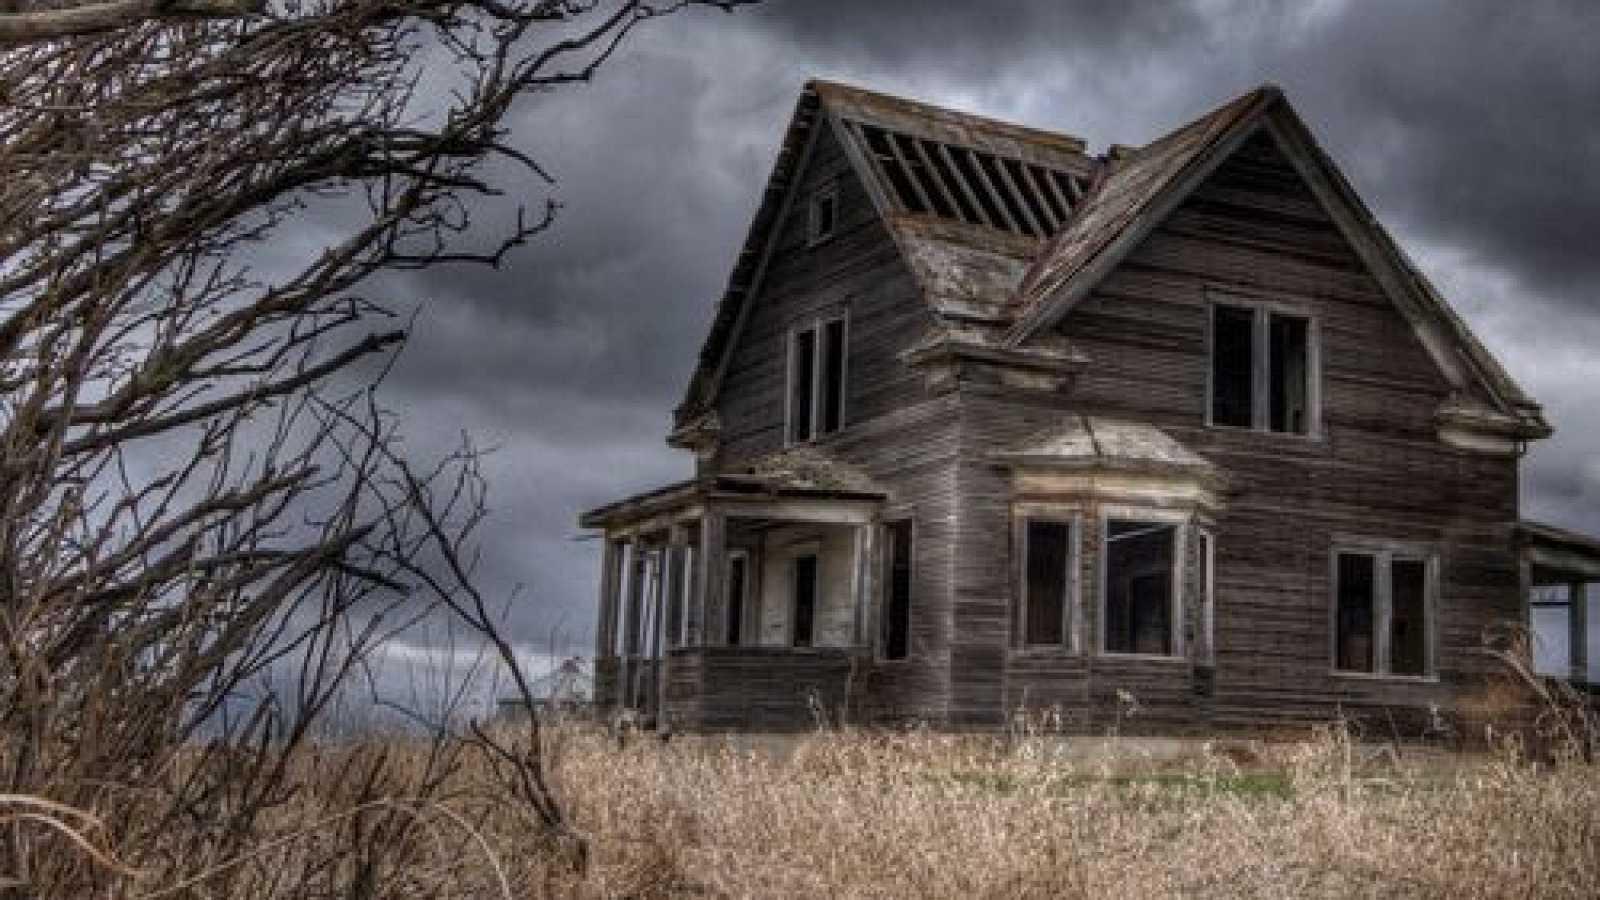 El gallo que no cesa - Más libros, por favor: Casas con fantasmas - Escuchar ahora